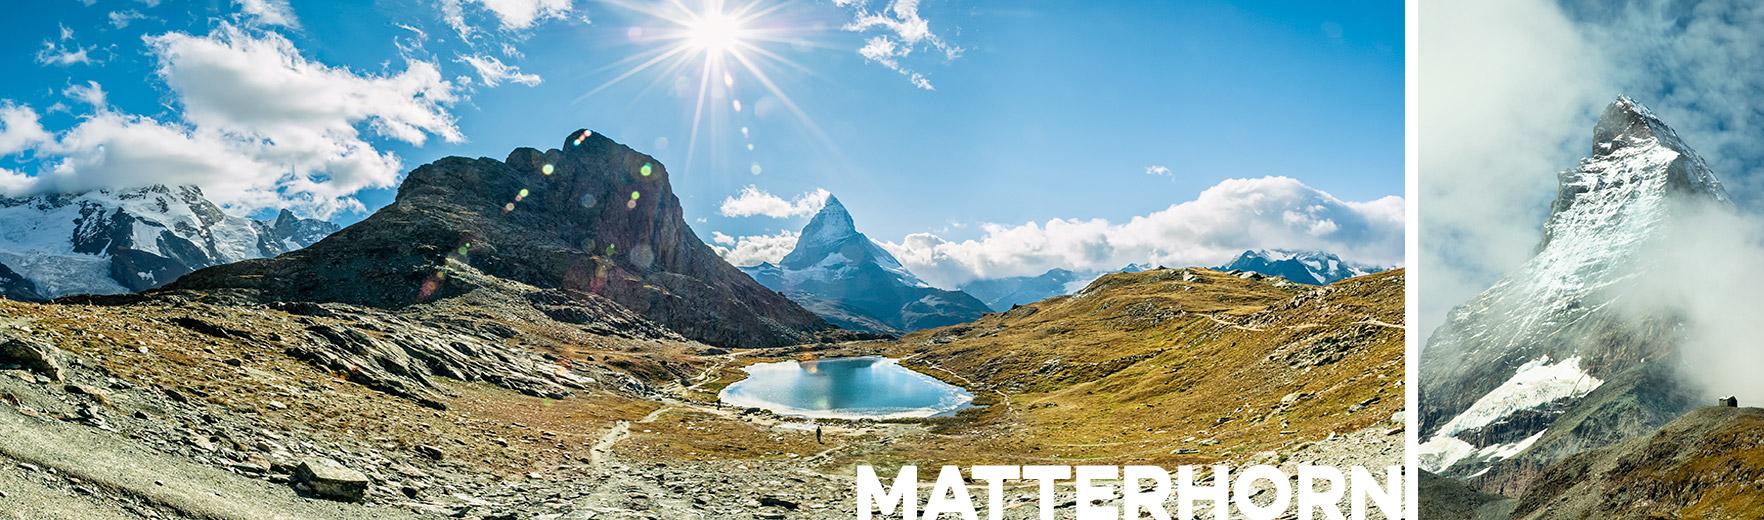 Matterhorn, JV